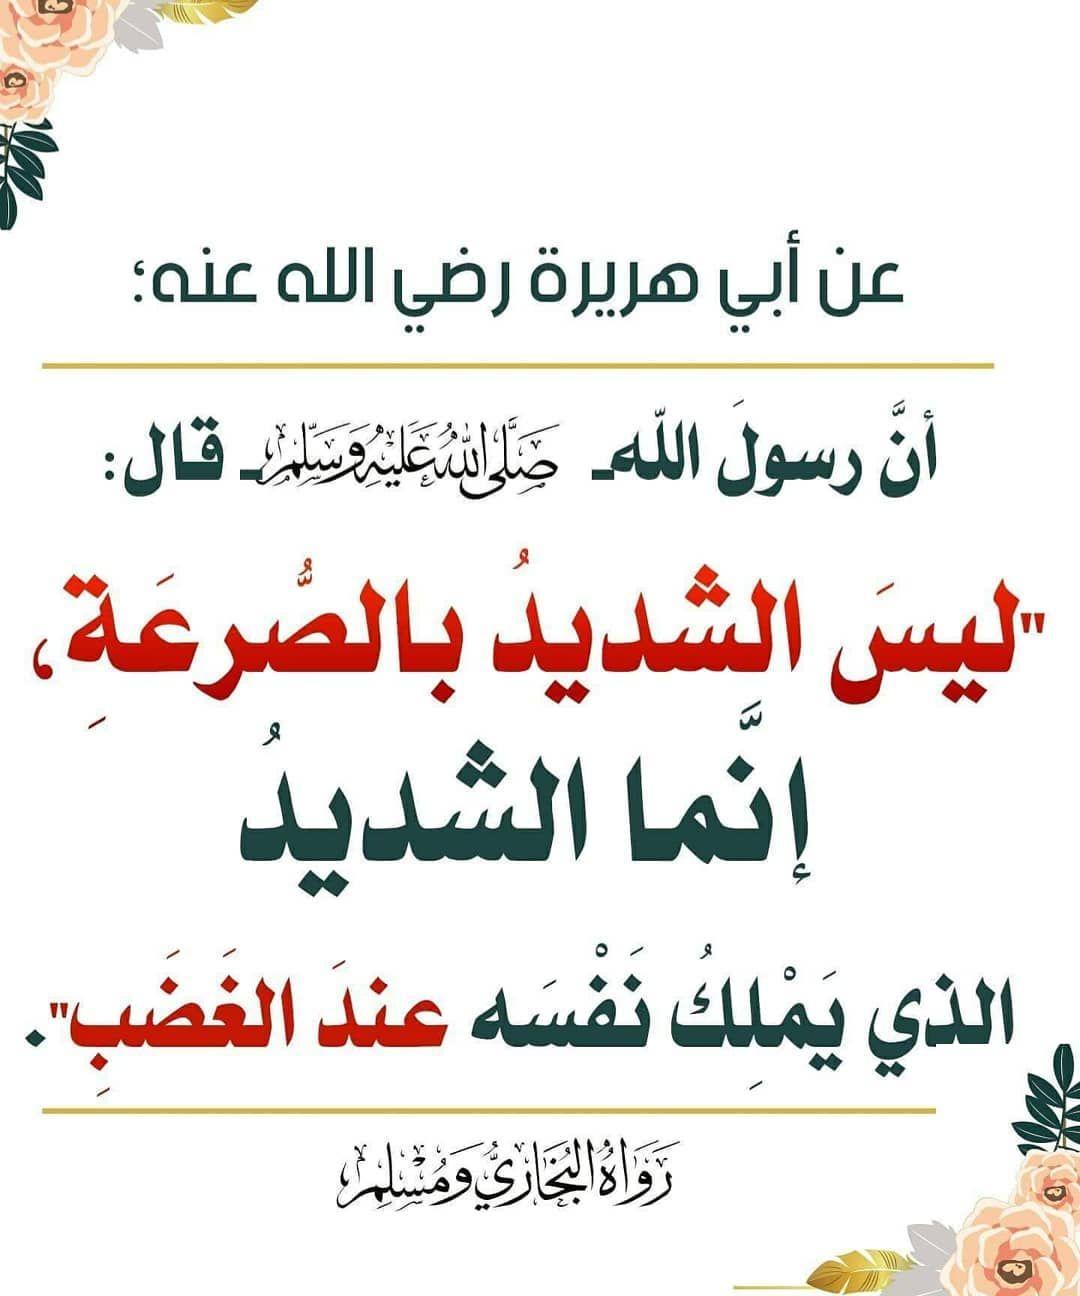 ﺍﻟﺼﻼ ﺓ ﻋﻠﻰ ﺍﻟﻨﺒﻲ ﷺ ﺗﻔﺮﺝ ﺍﻟﻬﻢ ﻭﺗﻌﻴﻦ ﻋﻠﻰ ﻗﻀﺎﺀ ﺍﻟﺪﻳﻦ ويغفر بها الذنوب ويصلى عليك في المﻷ اﻷعلى ﻭﻣﻦ ﺃﺳﺒﺎﺏ ﺭﺅﻳﺔ ﺍﻟﻨﺒﻲ ﷺ ﻓﻲ ﺍﻟﻤﻨﺎﻡ ﻷ In 2020 Learn Islam Ahadith Hadith